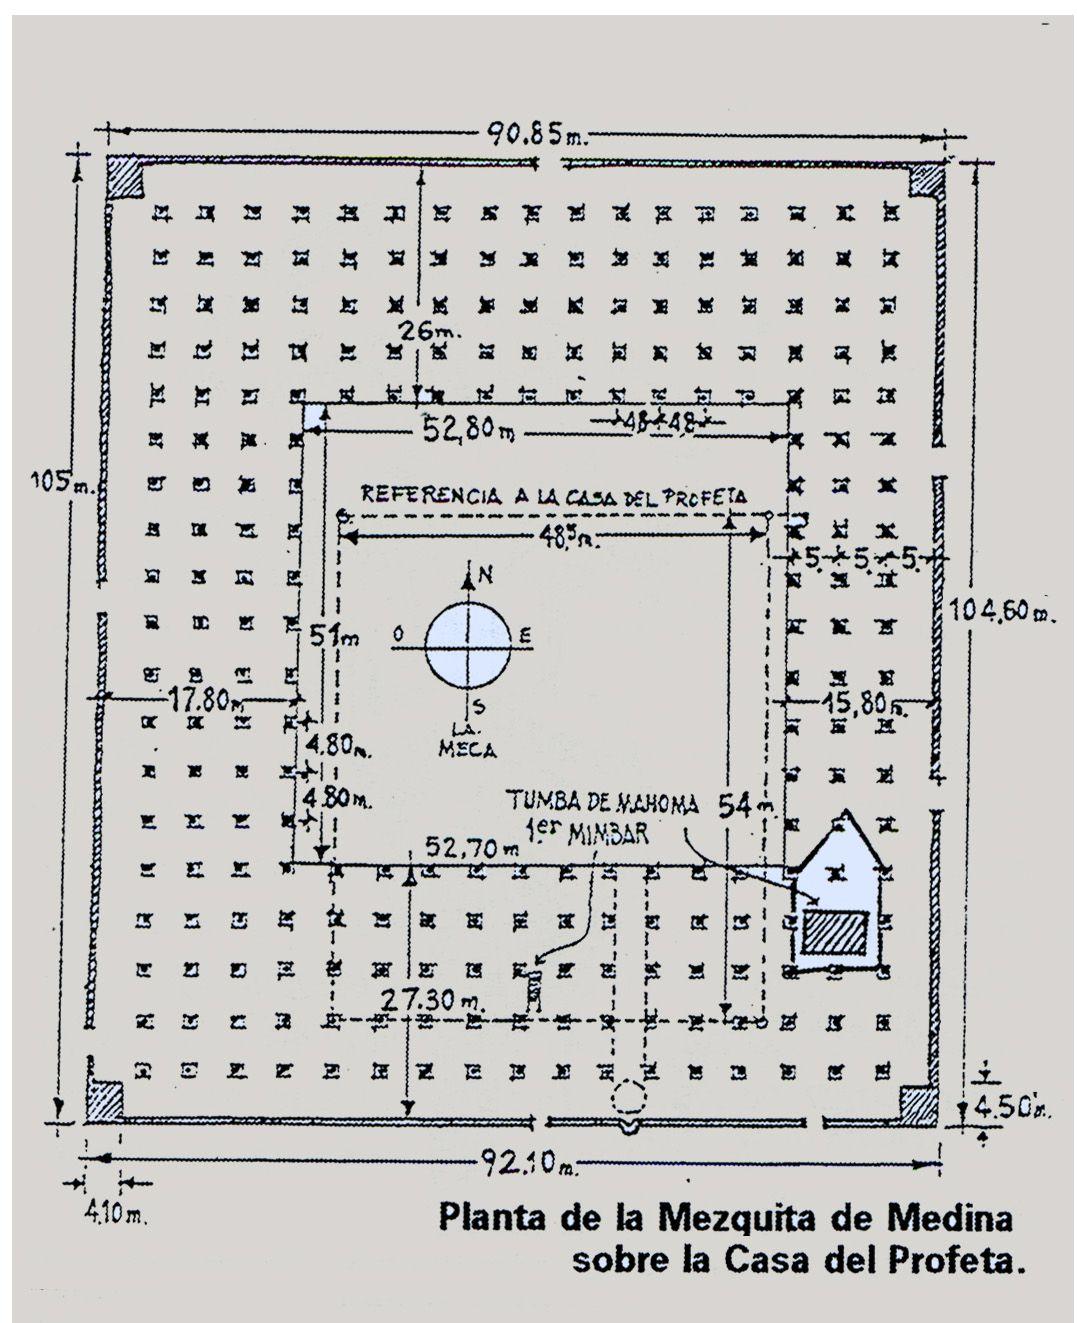 Planta de la mezquita de medina sobre la casa del profeta - La casa de la mezquita ...